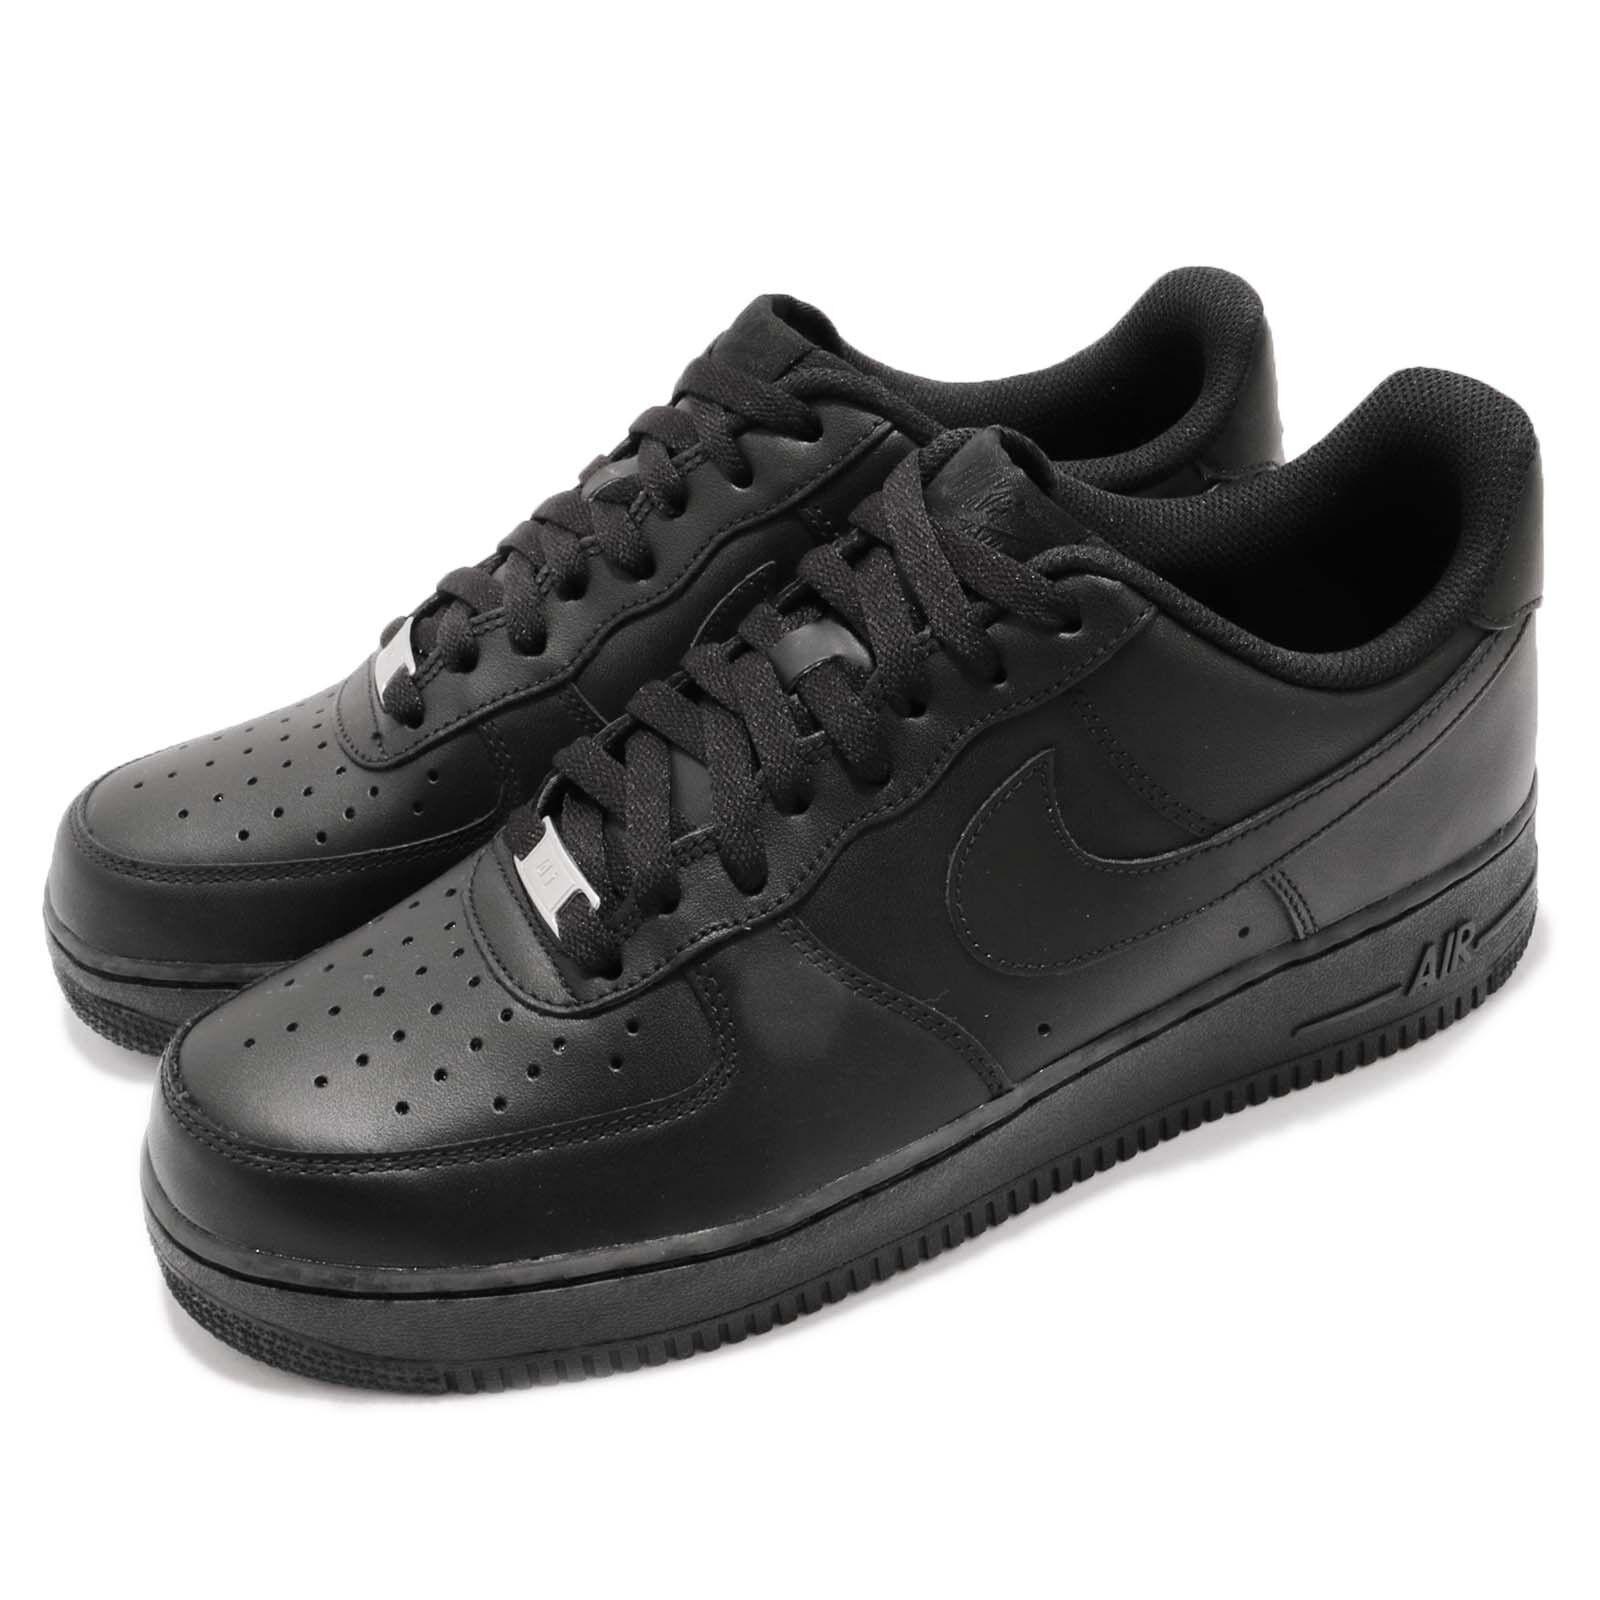 Nike Force 1 07 AF1 Triple Air Negro  Clásico De Hombre Zapatos  Negro Tenis 315122001 96af52